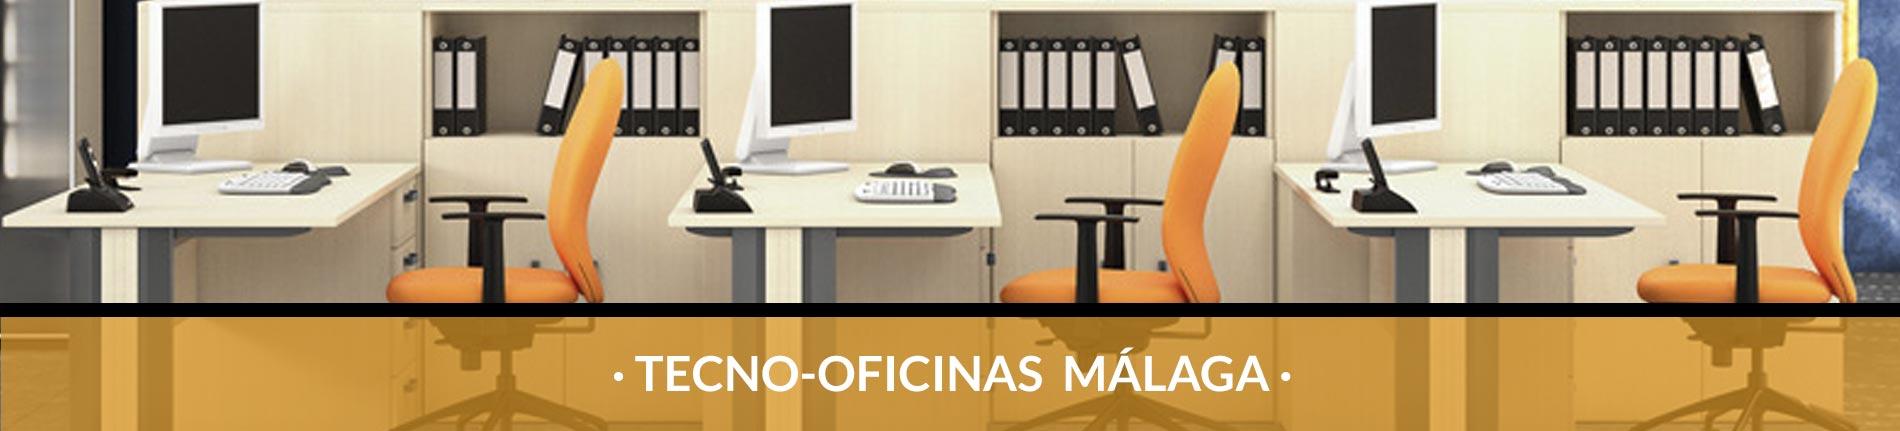 Muebles de oficina malaga gallery of tienda oficit tienda - Muebles el viso malaga ...